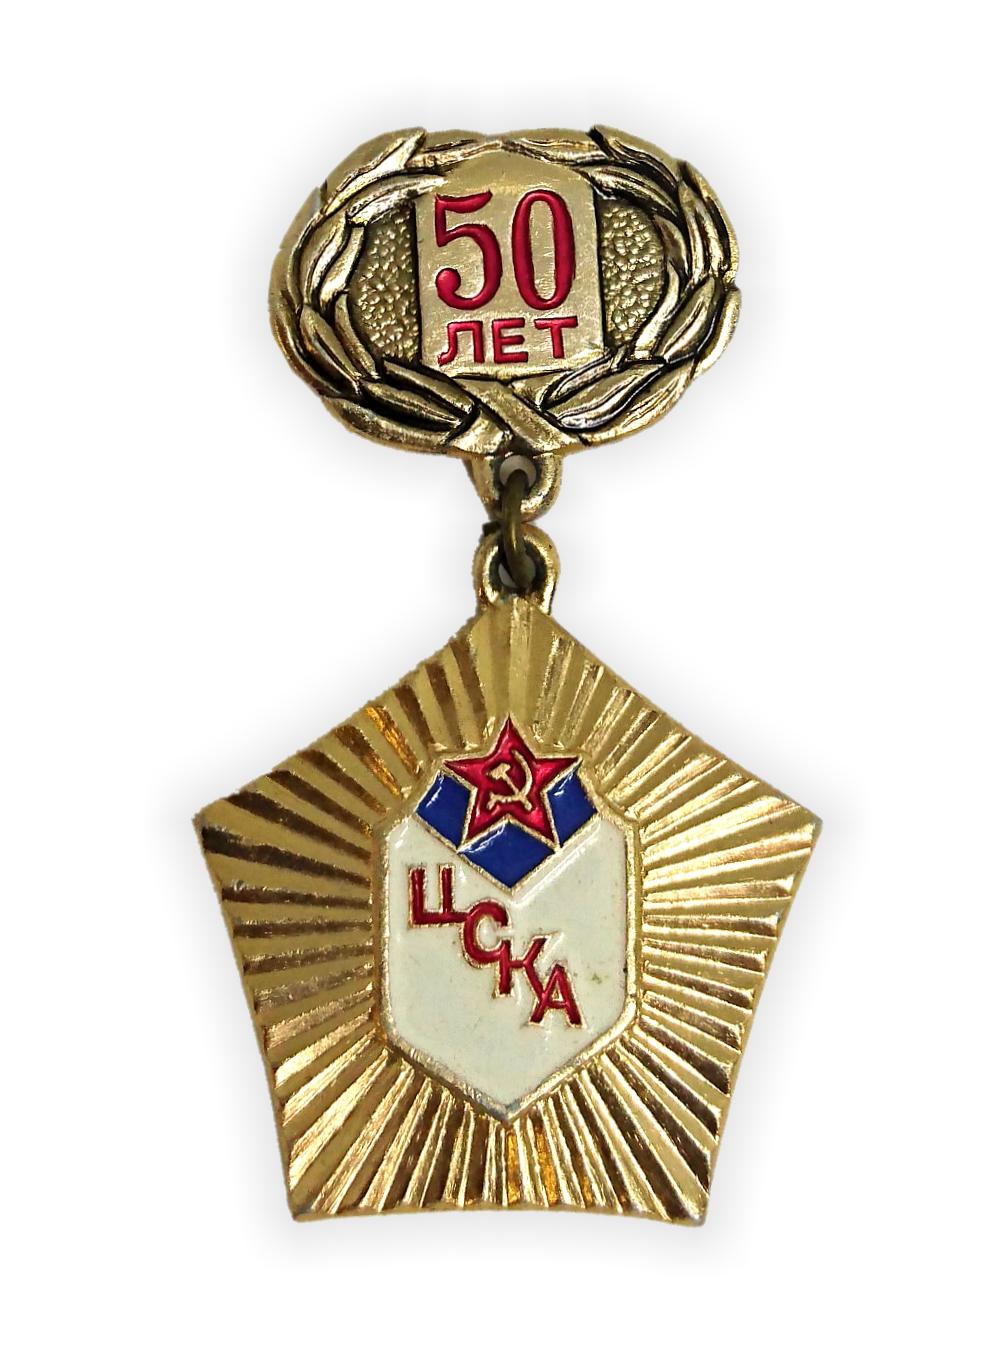 Коллекционный значок 50 лет ЦСКАЗначки<br>Коллекционный значок 50 лет ЦСКА<br>